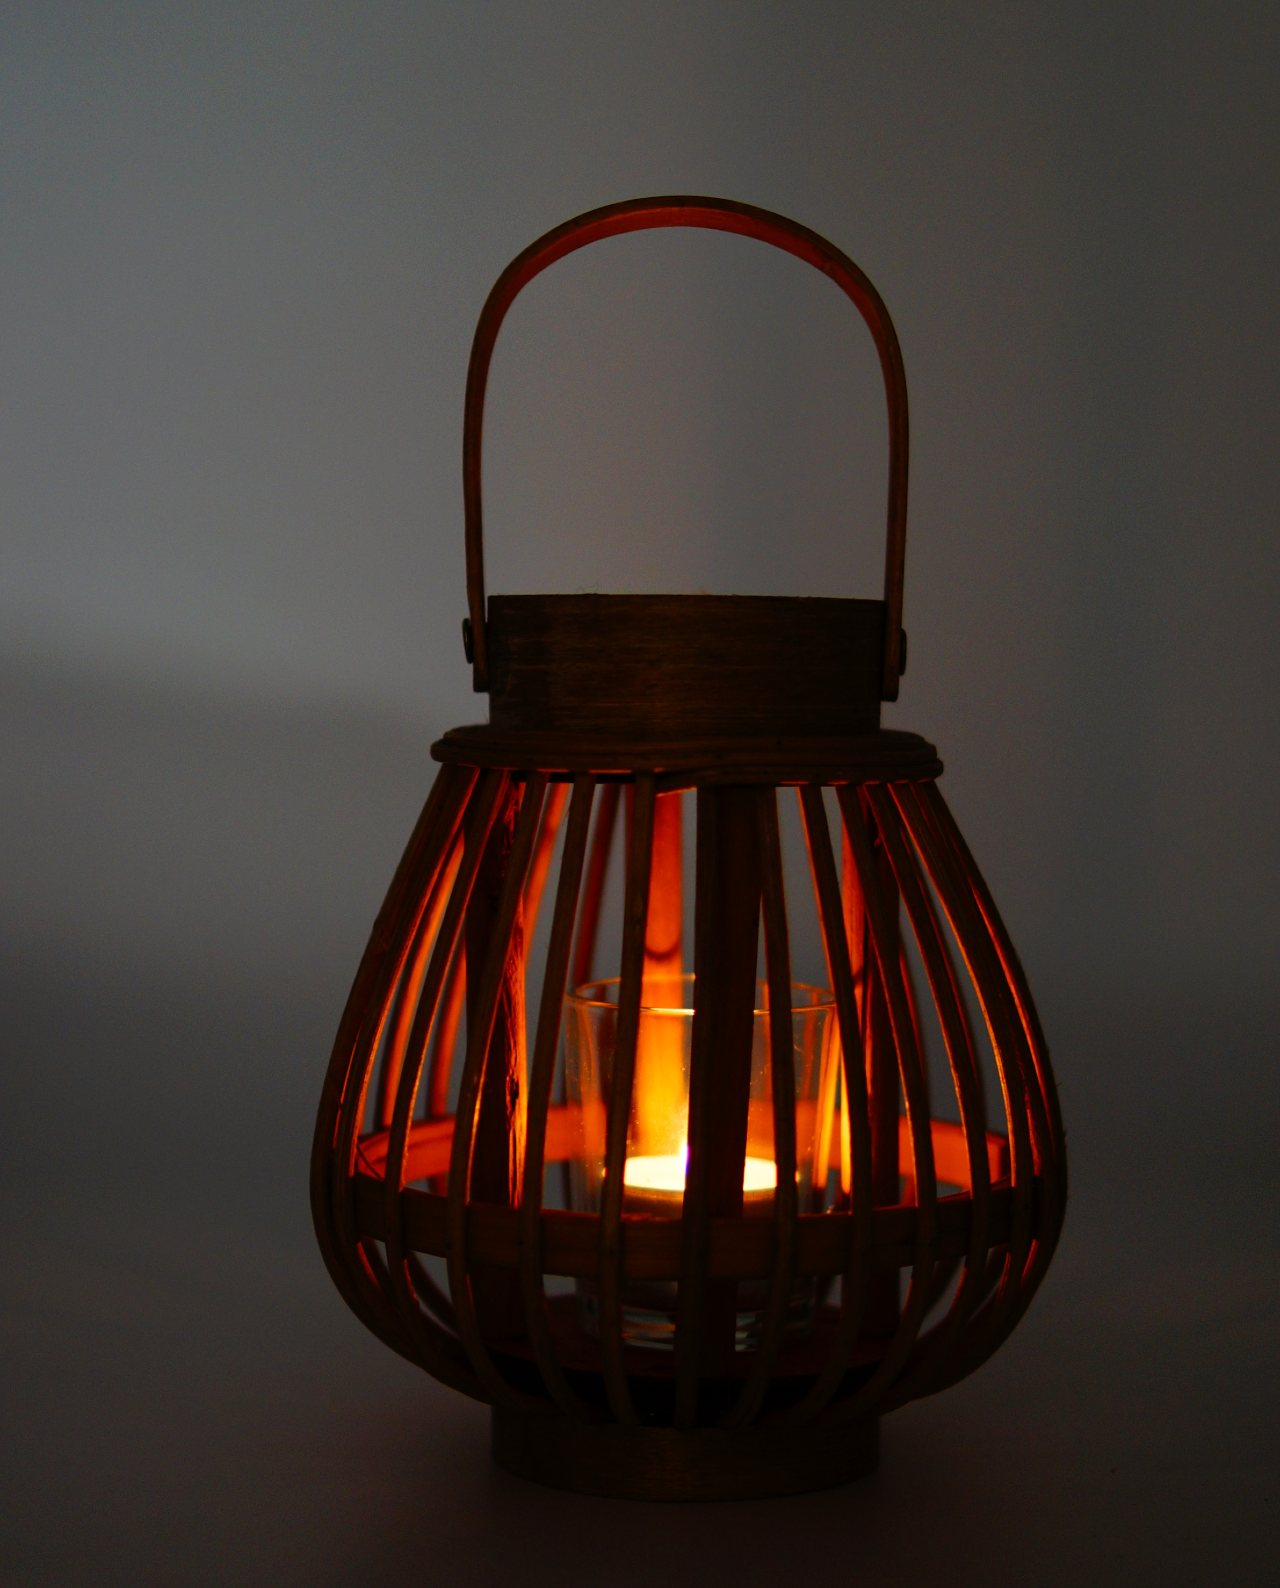 Φανάρι από καφέ μπαμπού με γυαλί ρεσώ Ύψους 17 cm αναμενο